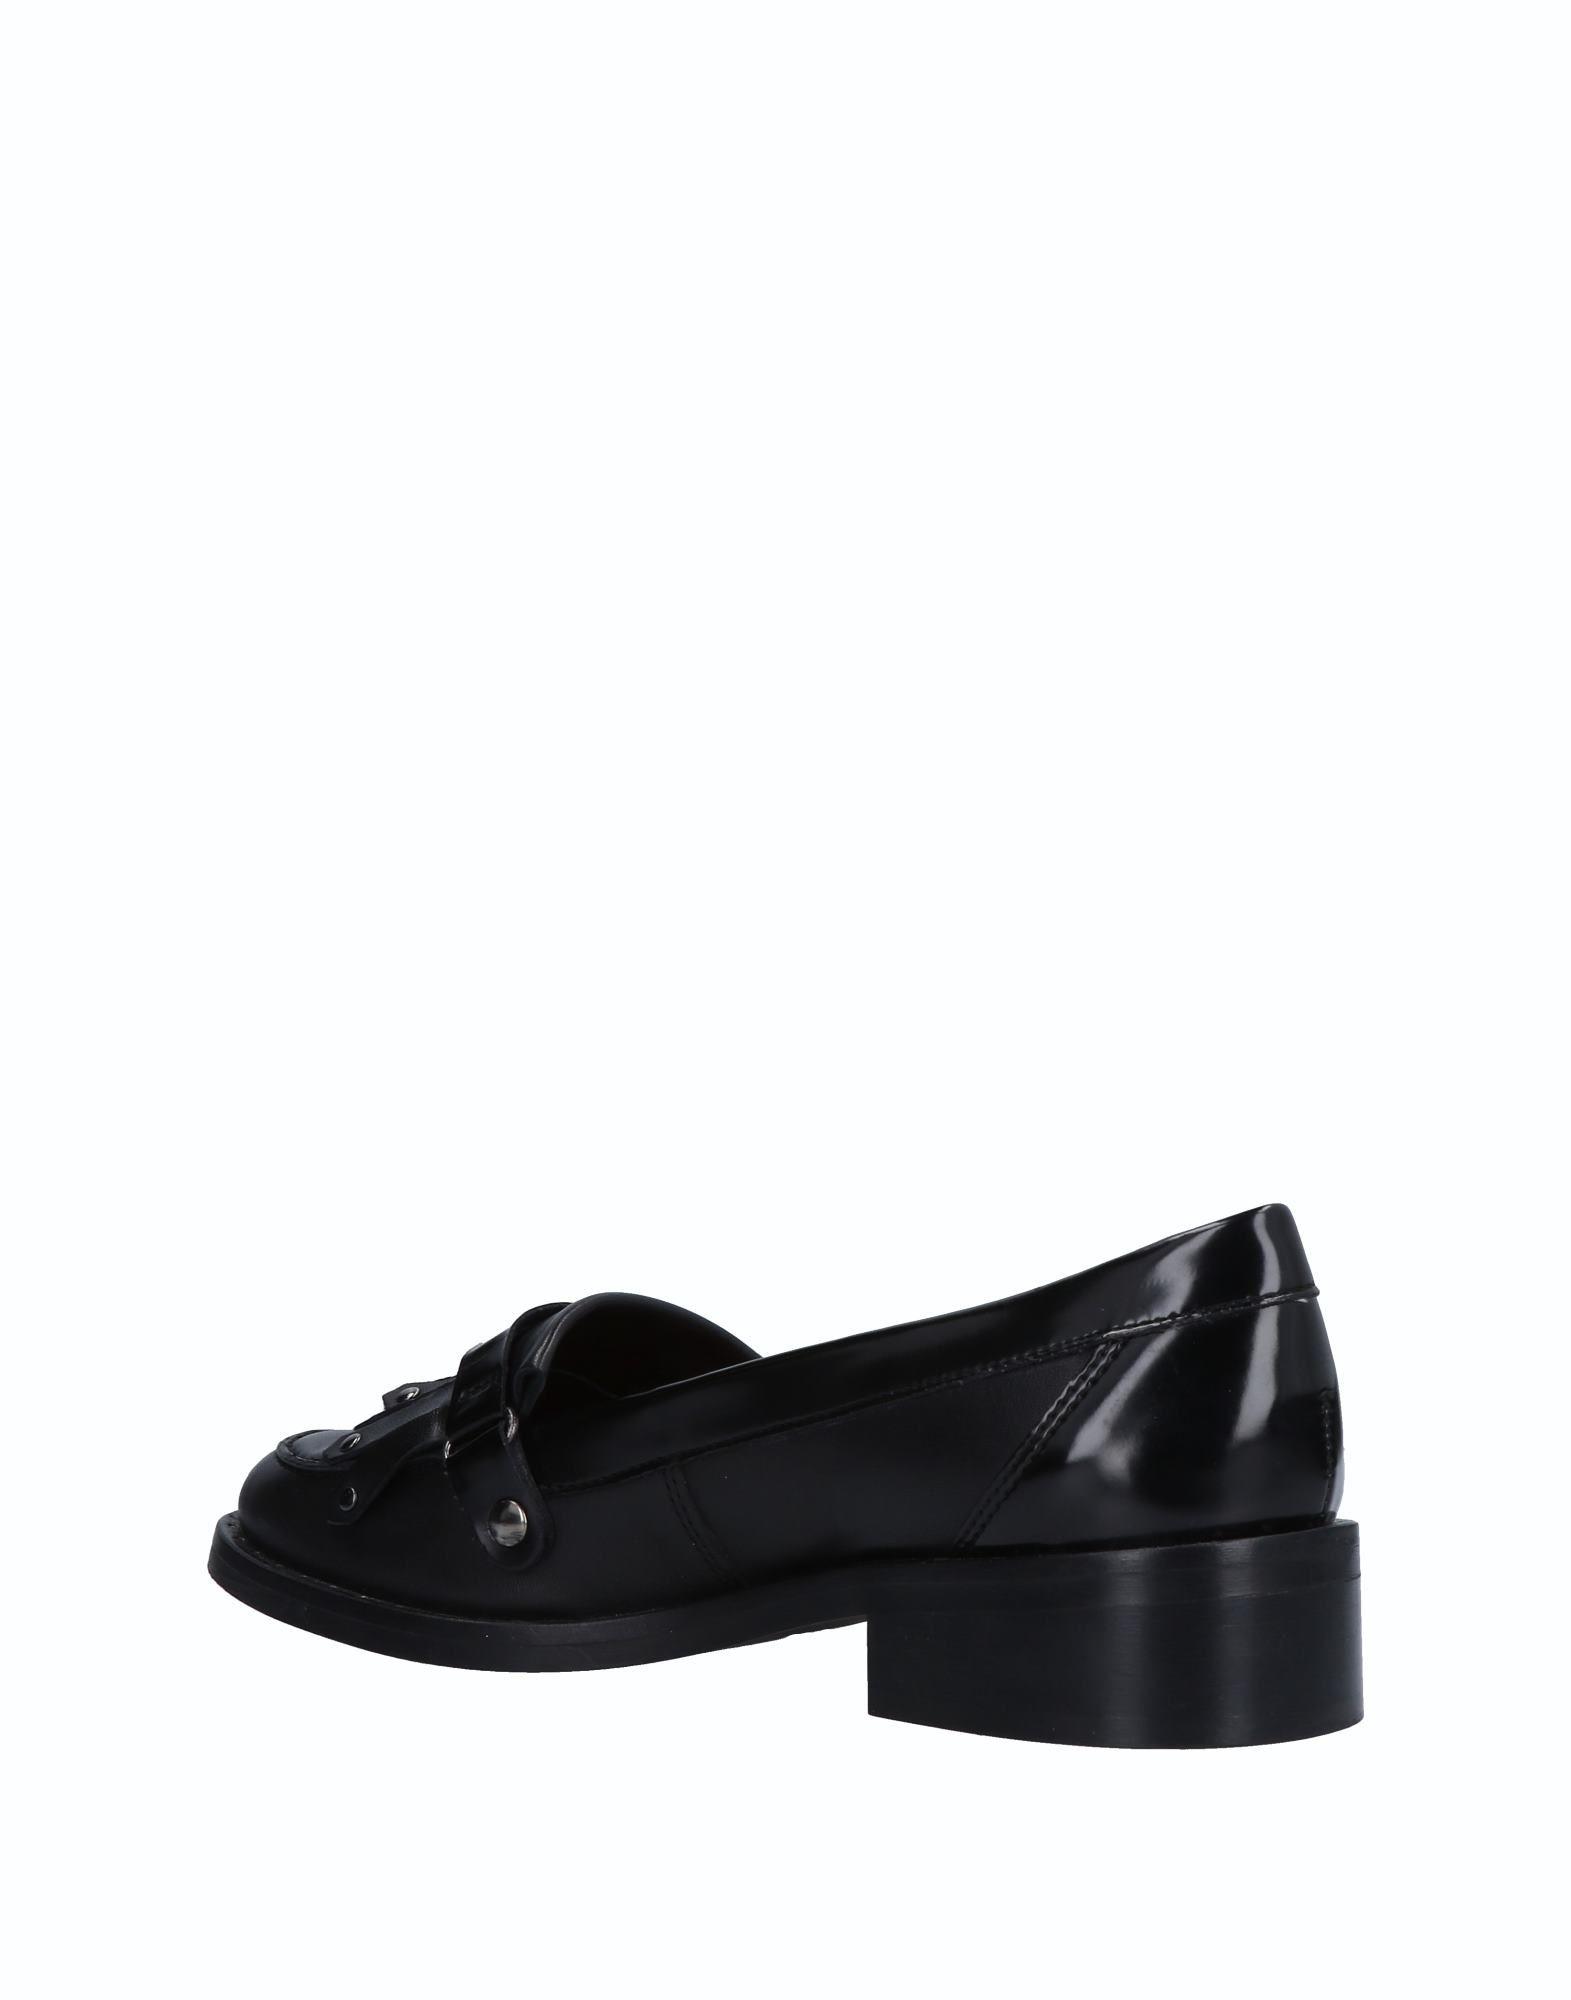 Bagatt Mokassins Qualität Damen  11510496GA Gute Qualität Mokassins beliebte Schuhe 42dd3e